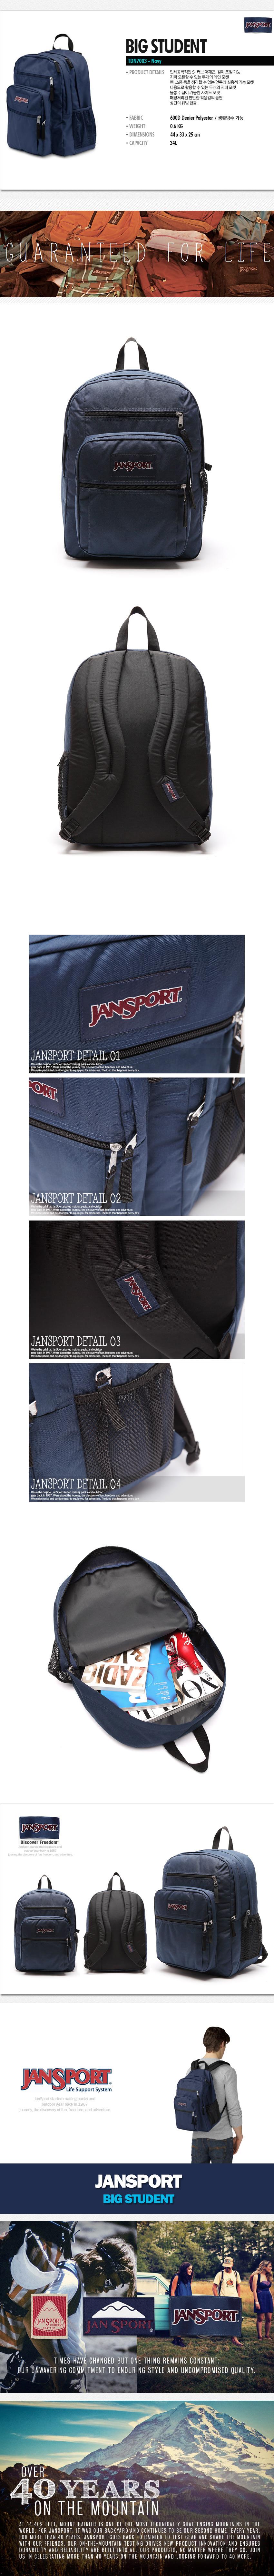 [잔스포츠]JANSPORT - 빅스튜던트 (TDN7003 - Navy) 잔스포츠코리아 정품 AS가능